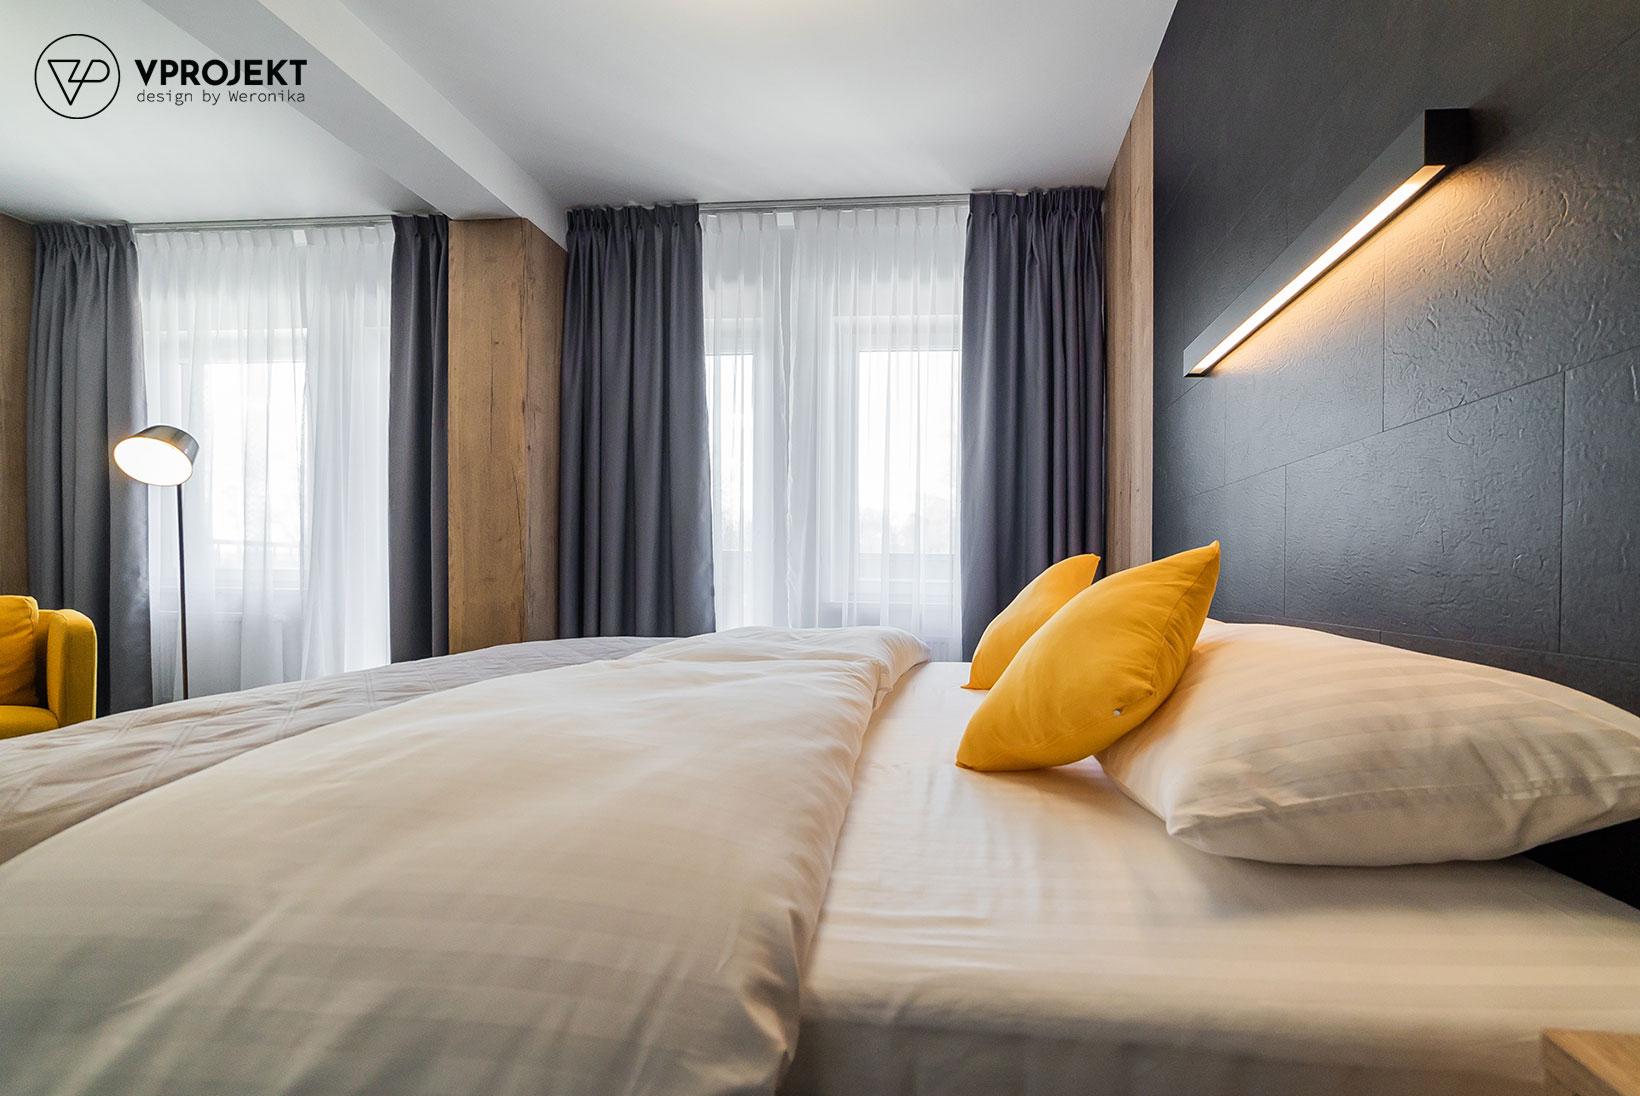 Wnętrze apartamentu, część sypialniana